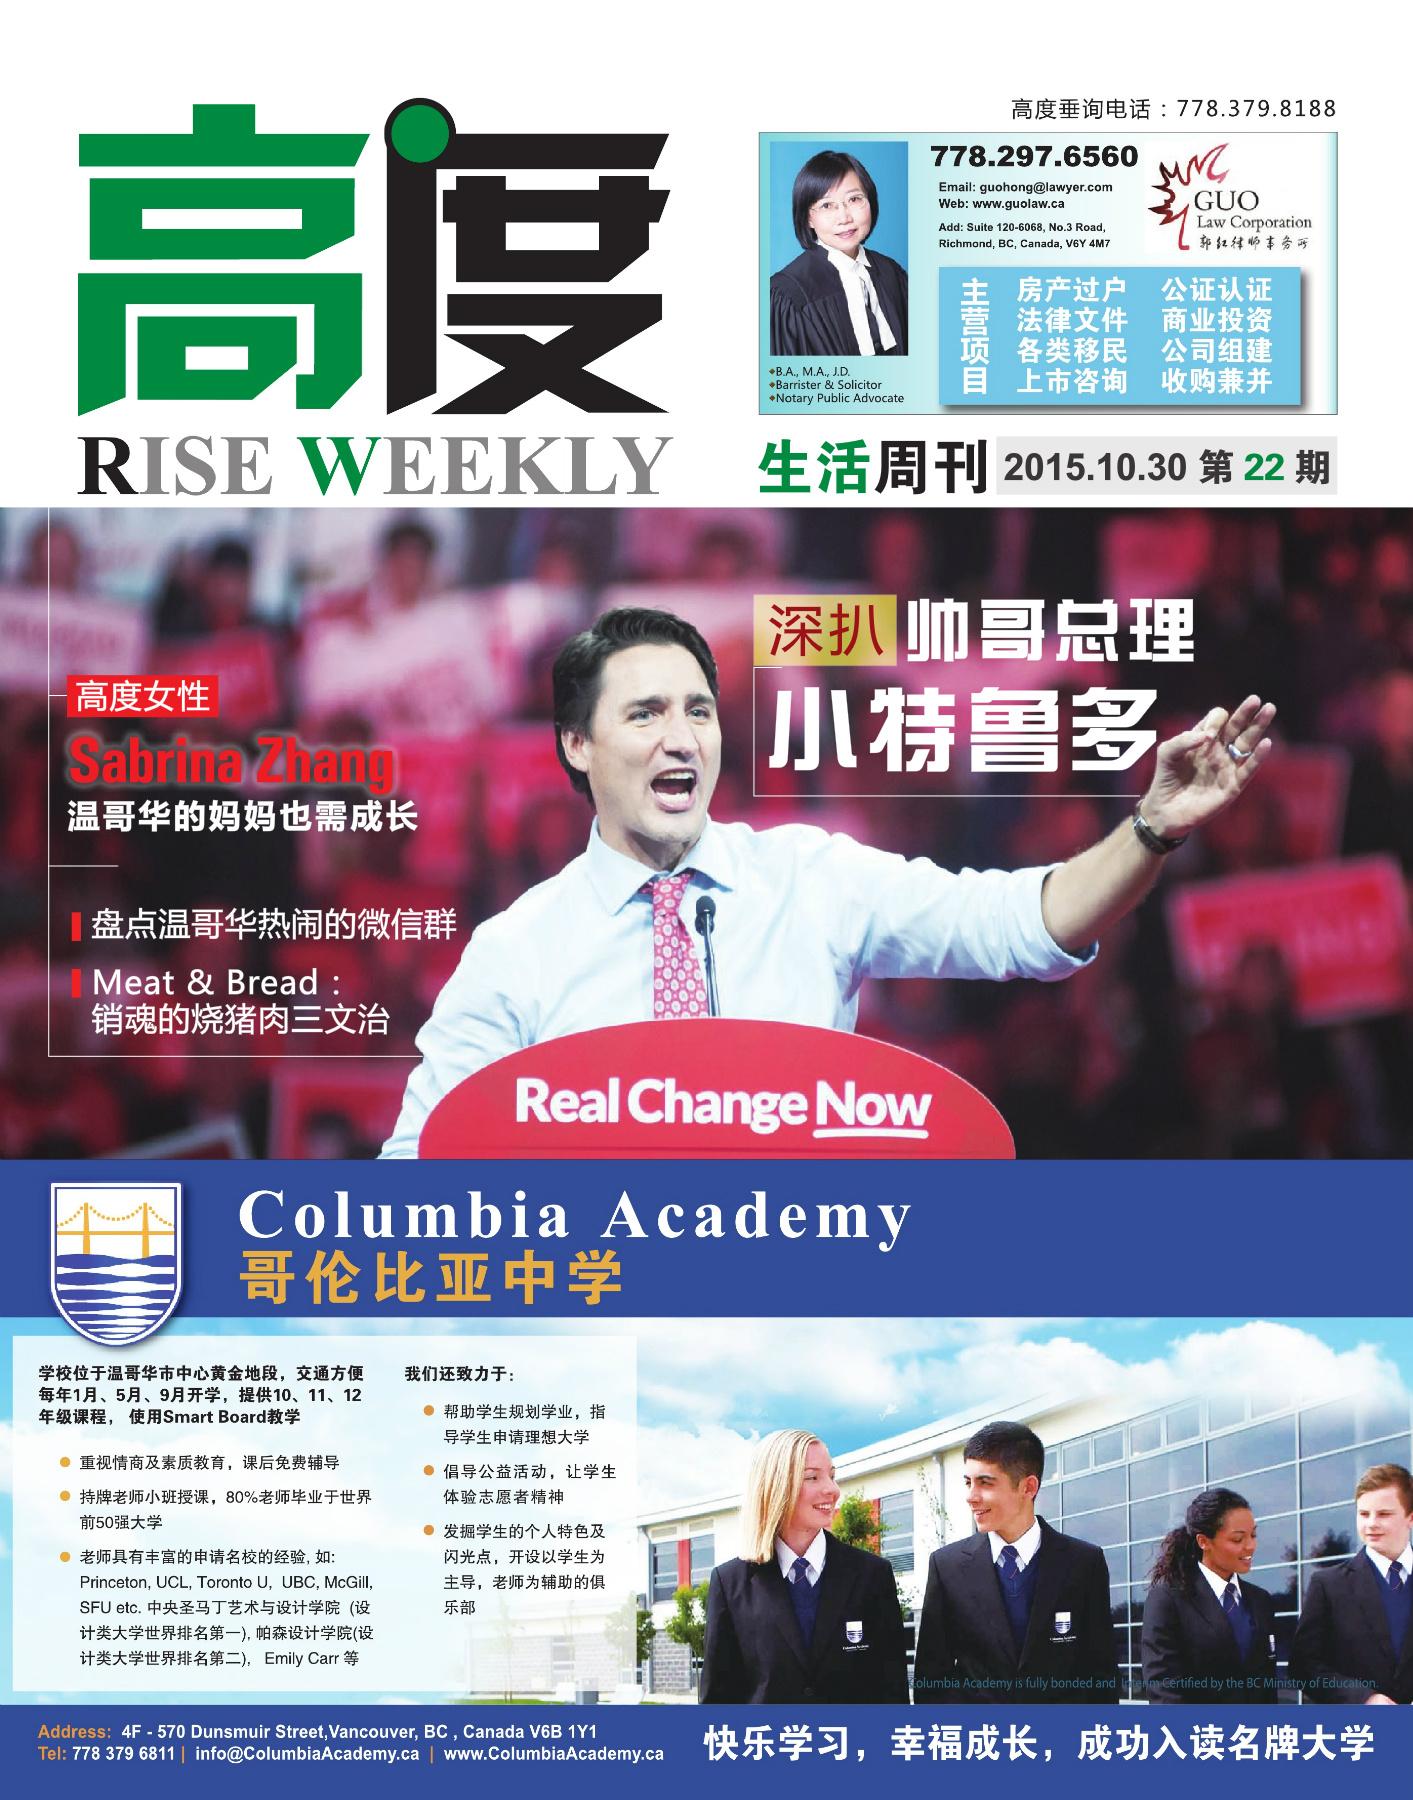 高度生活周刊 2015年10月30日 第22期